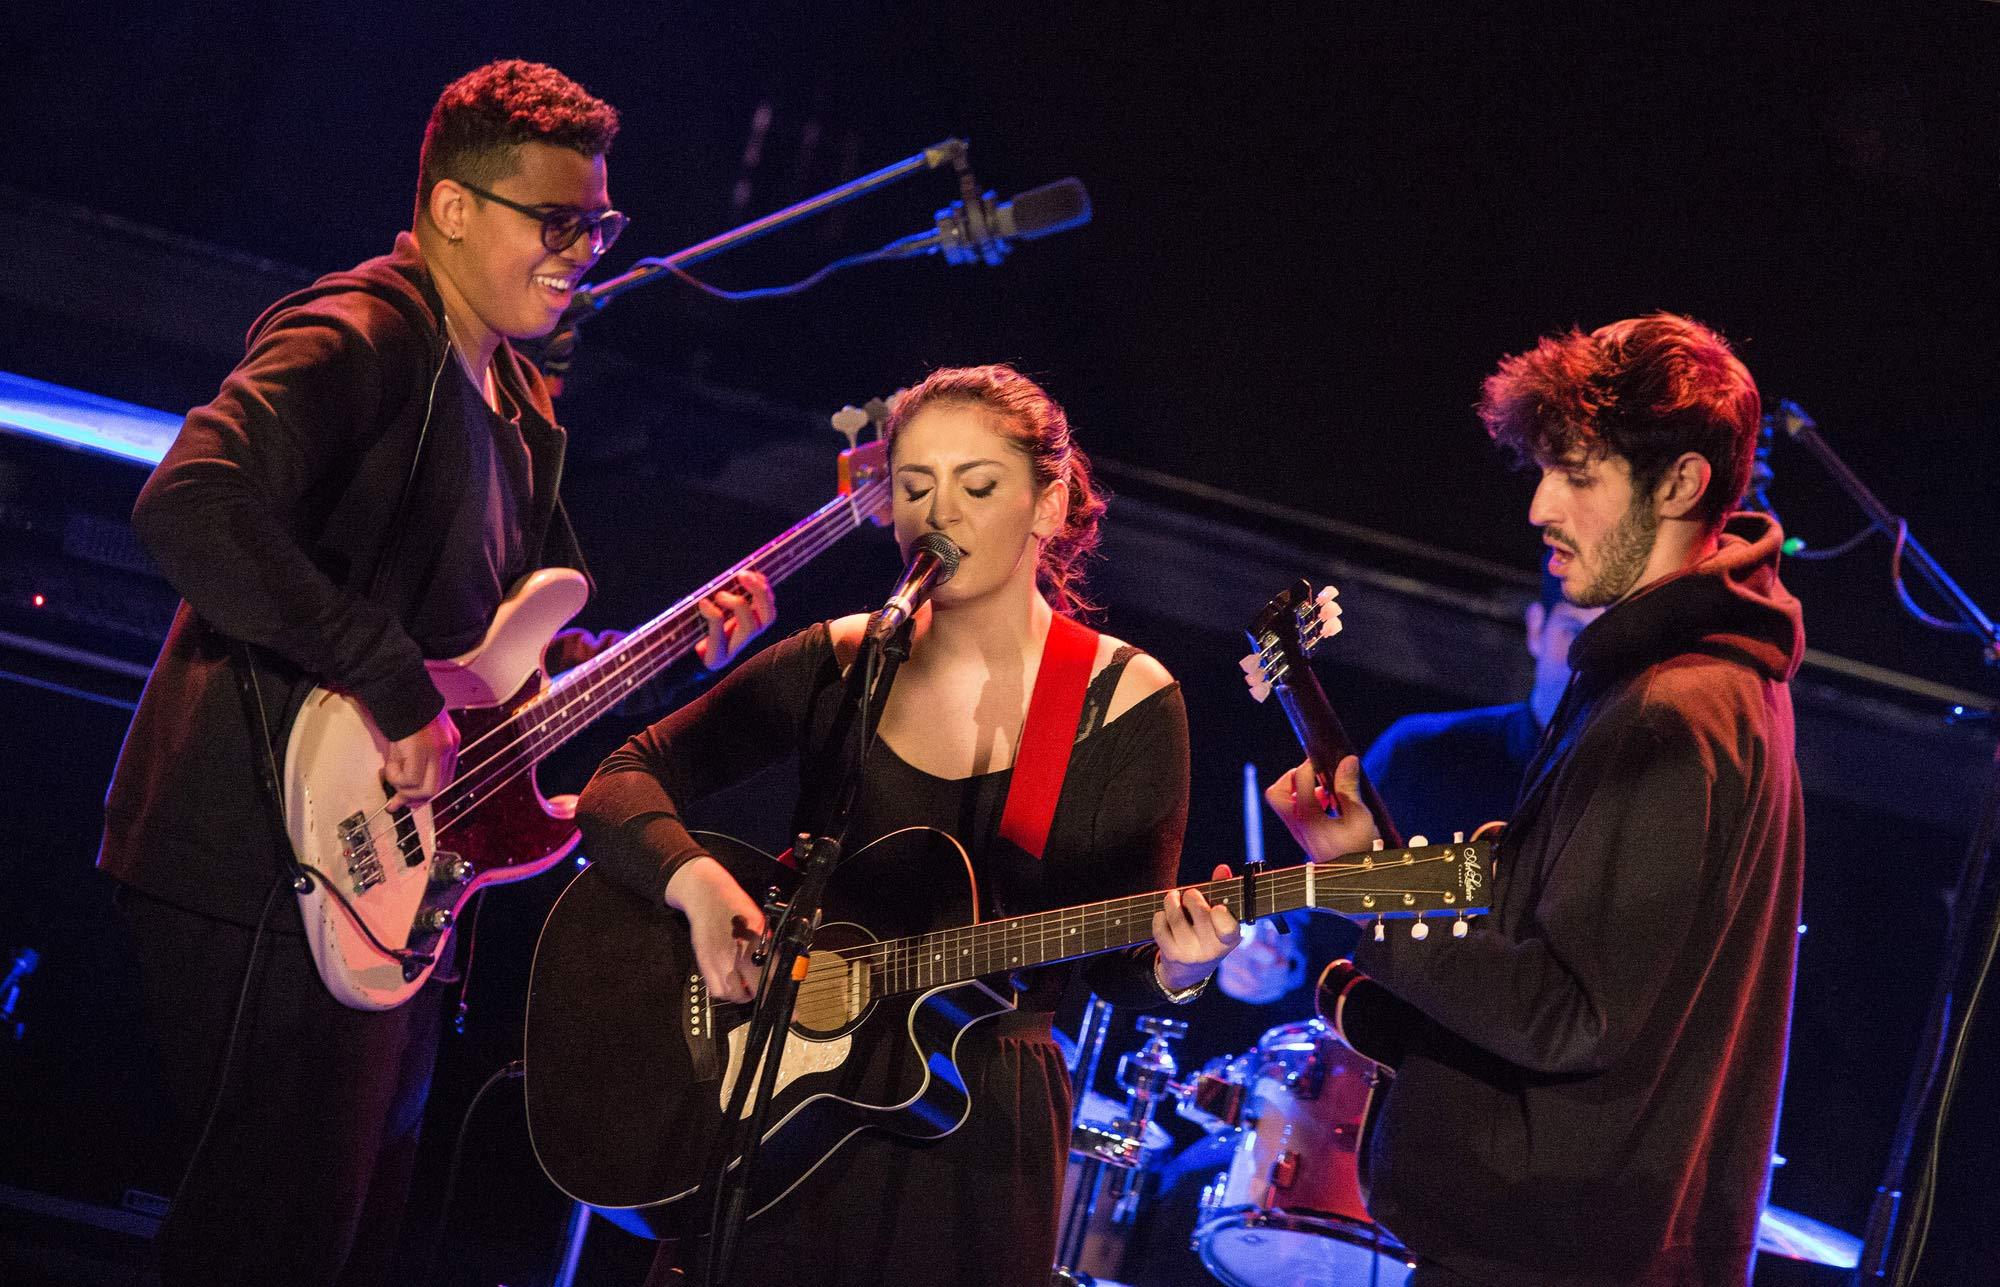 Submaryne sur scène avec ses musiciens